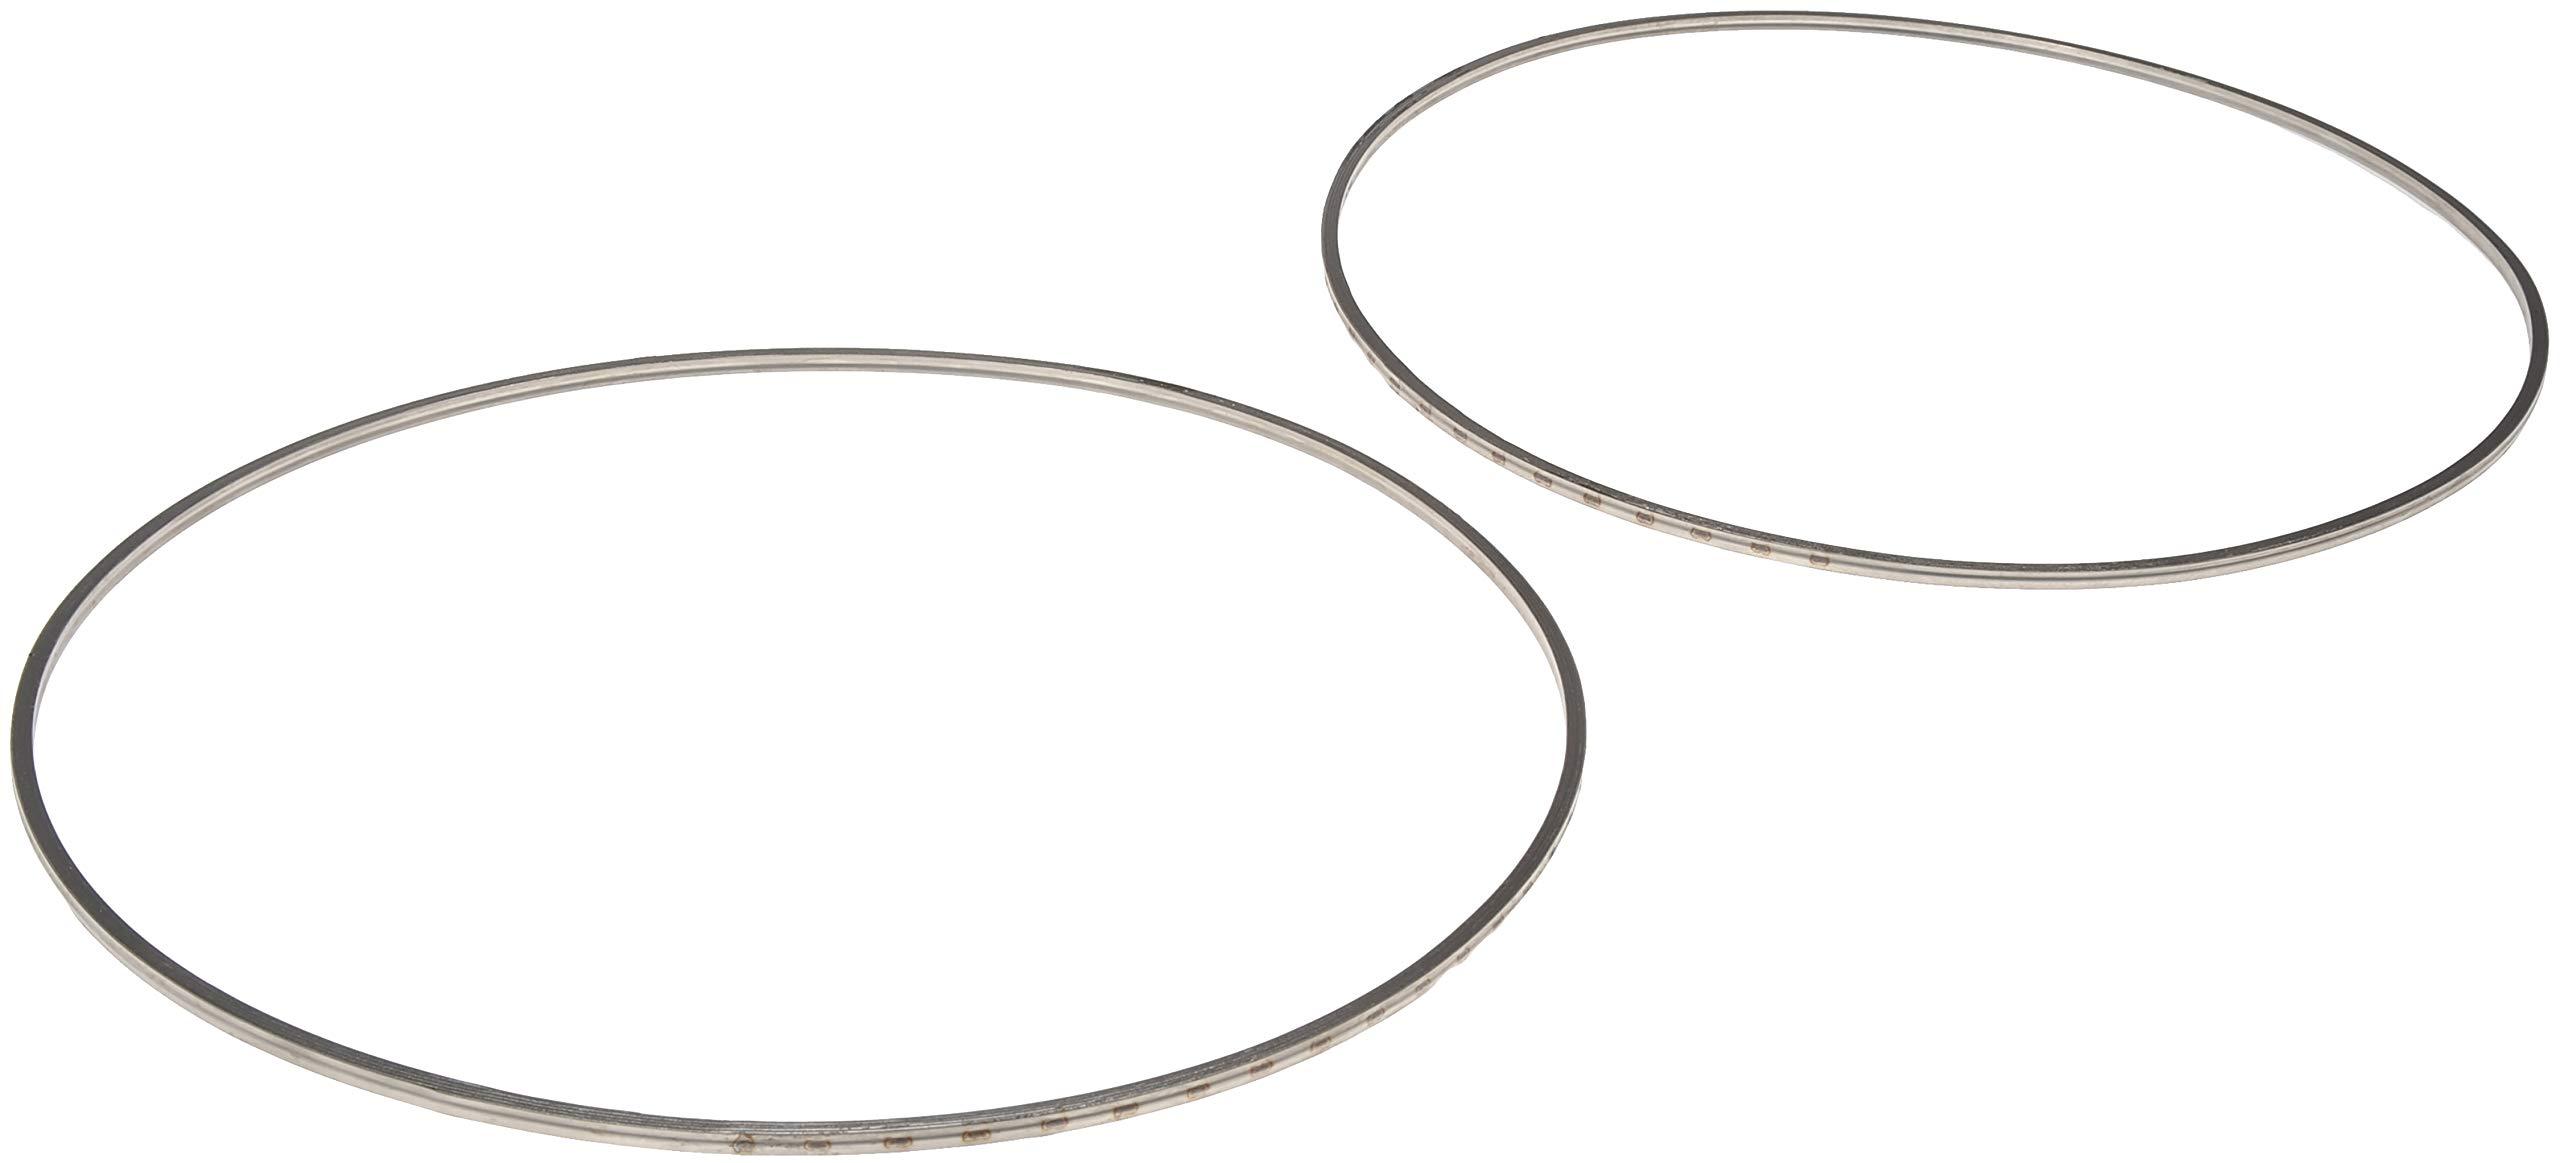 Dorman 674-9007 Diesel Particulate Filter Gasket Kit for Select Models